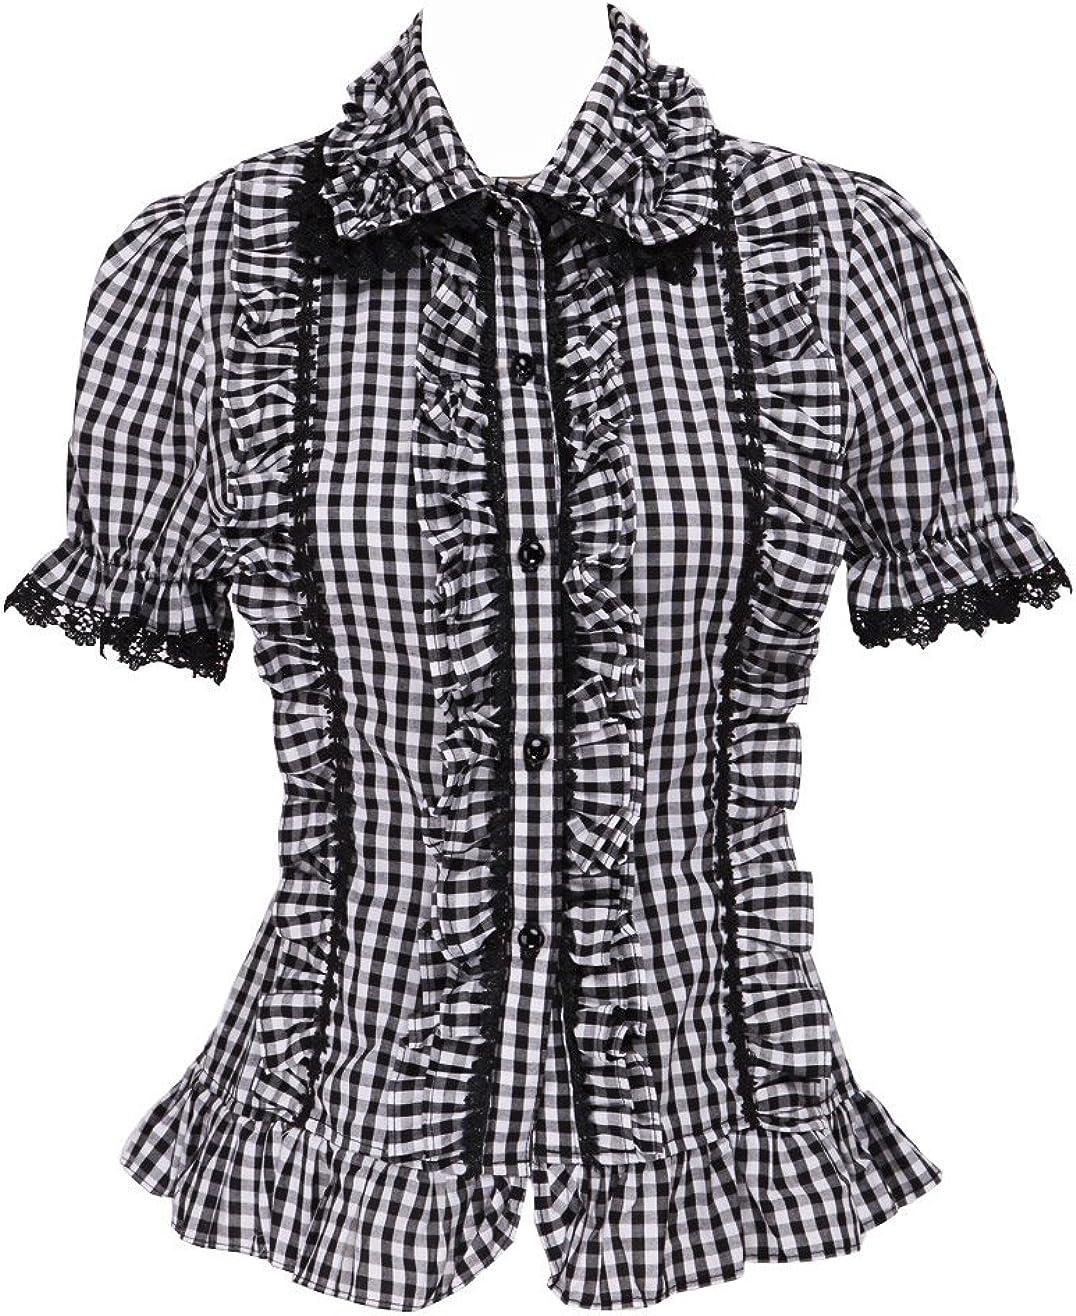 an*tai*na* Negra Algodón Lattice Volantes Encaje Manga de Soplo Kawaii Retro Lolita Camisa Blusa de Mujer: Amazon.es: Ropa y accesorios